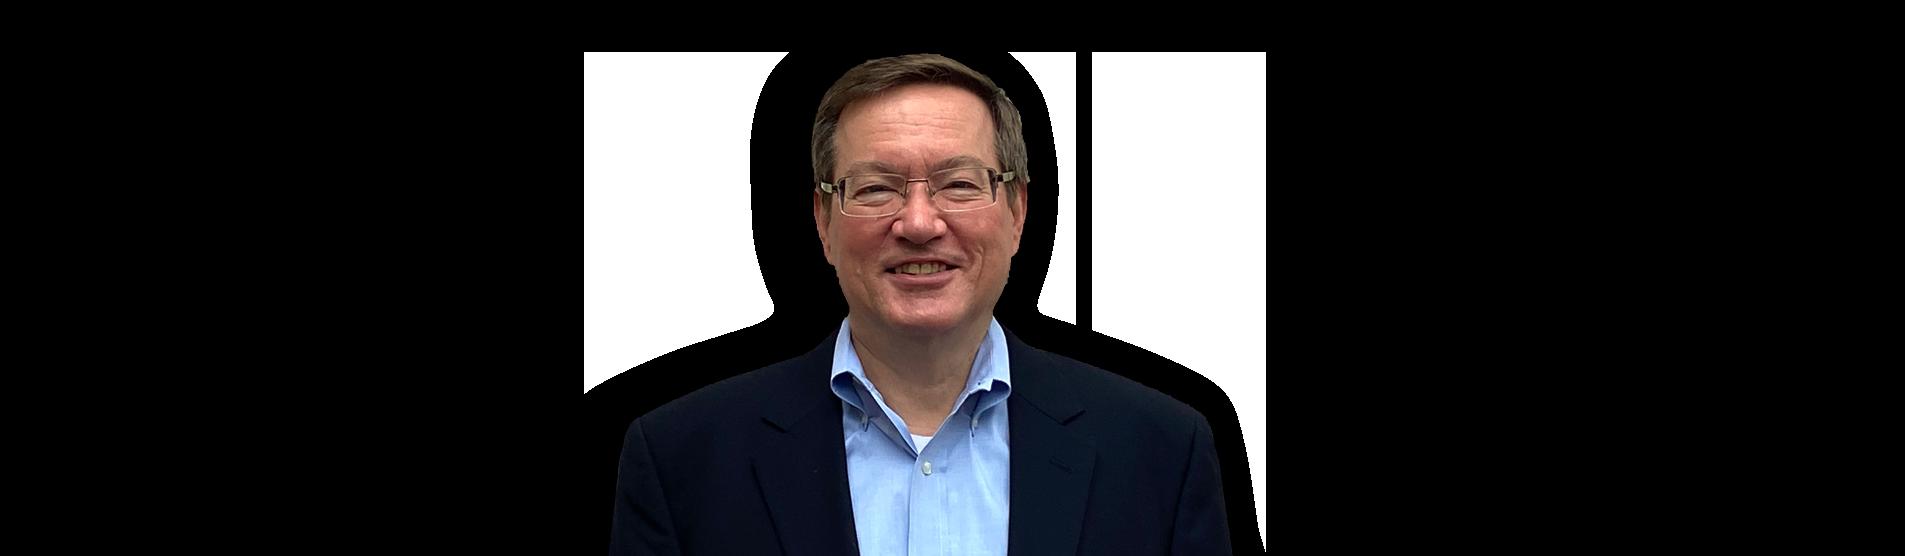 Headshot of Mark Rose